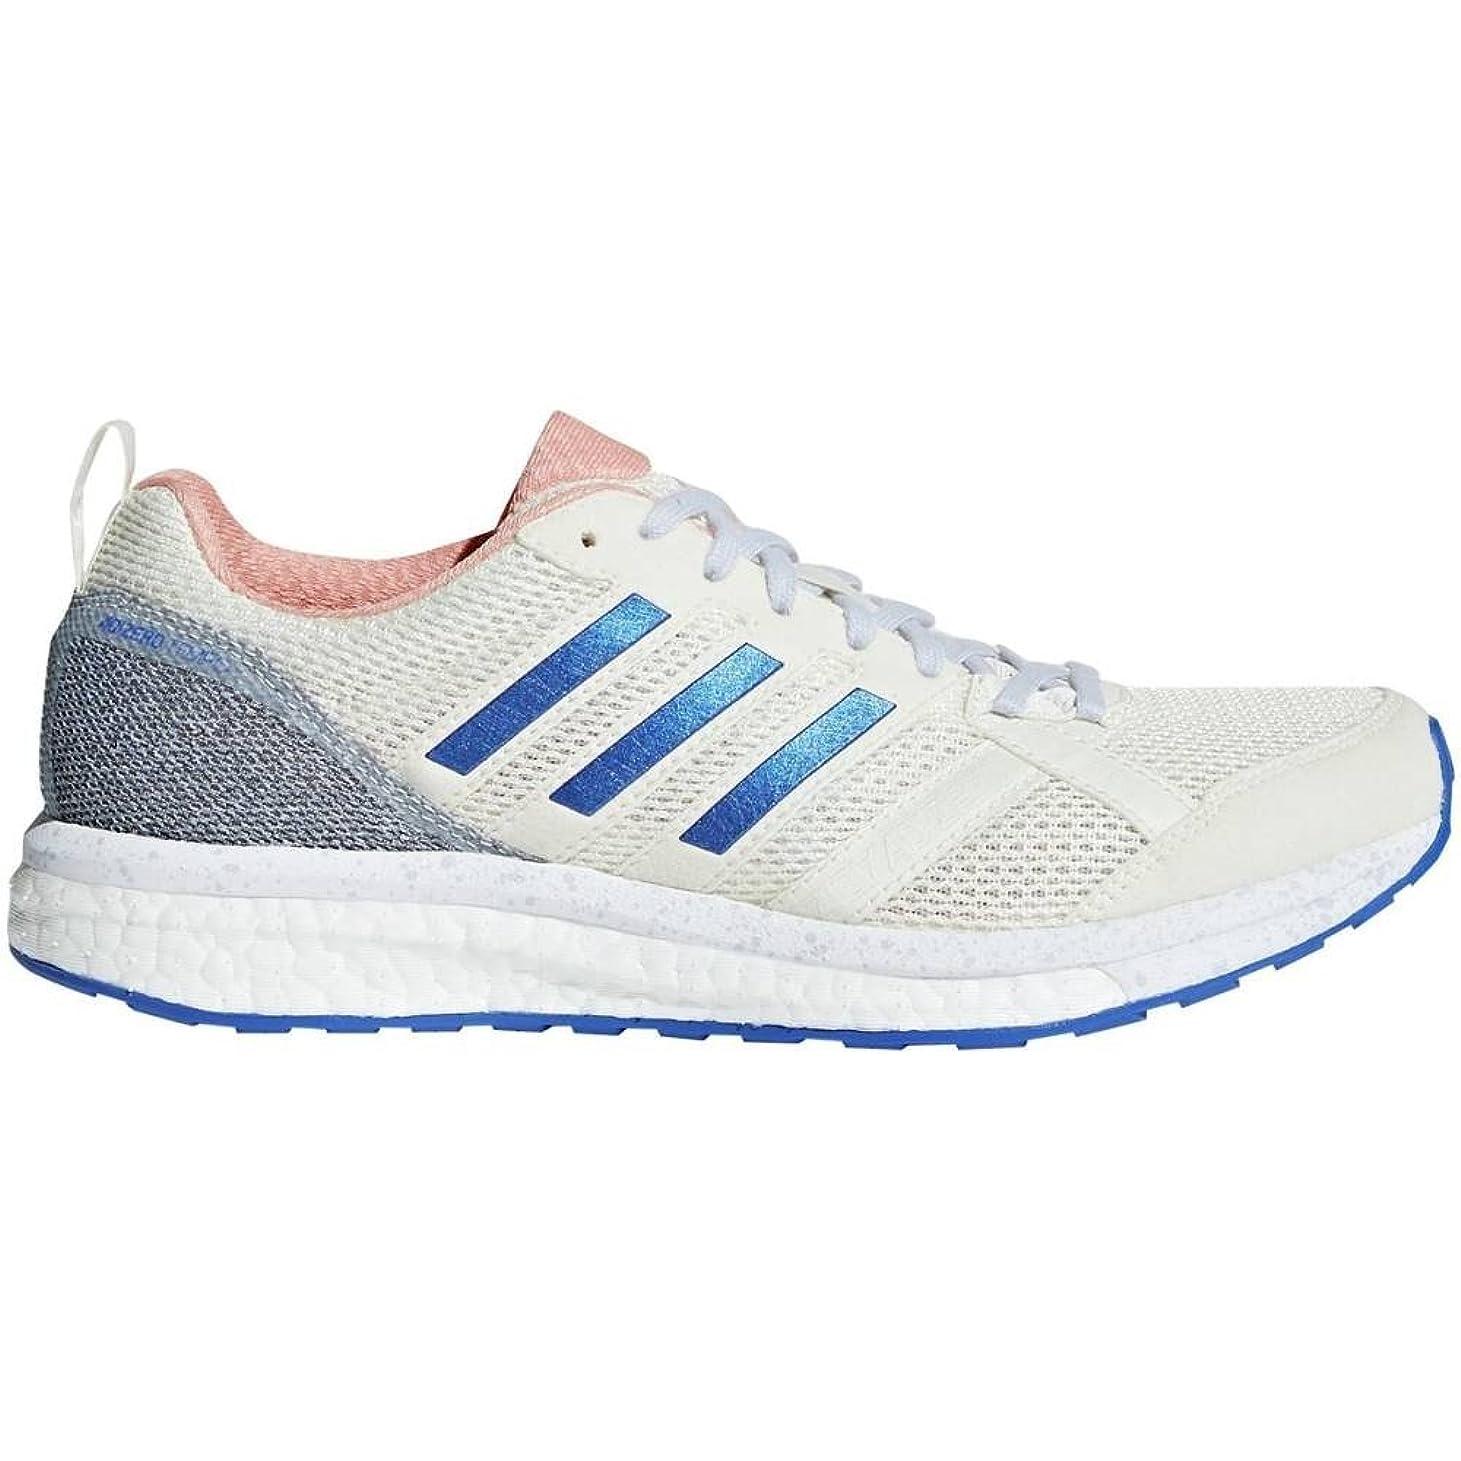 最初はイブニングルーフ(アディダス) Adidas レディース ランニング?ウォーキング シューズ?靴 Adizero Tempo 9 Running Shoe [並行輸入品]